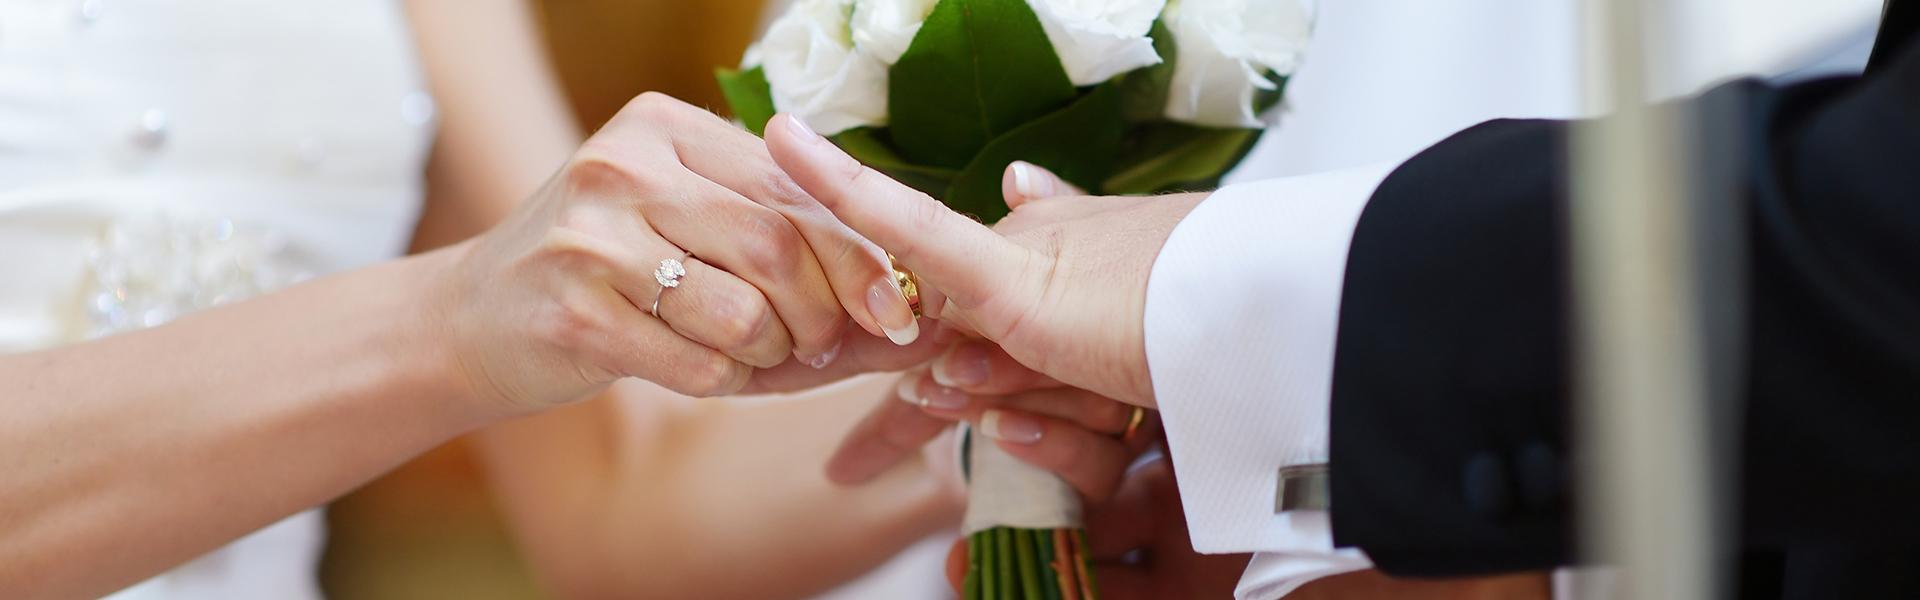 header-choosing-ring